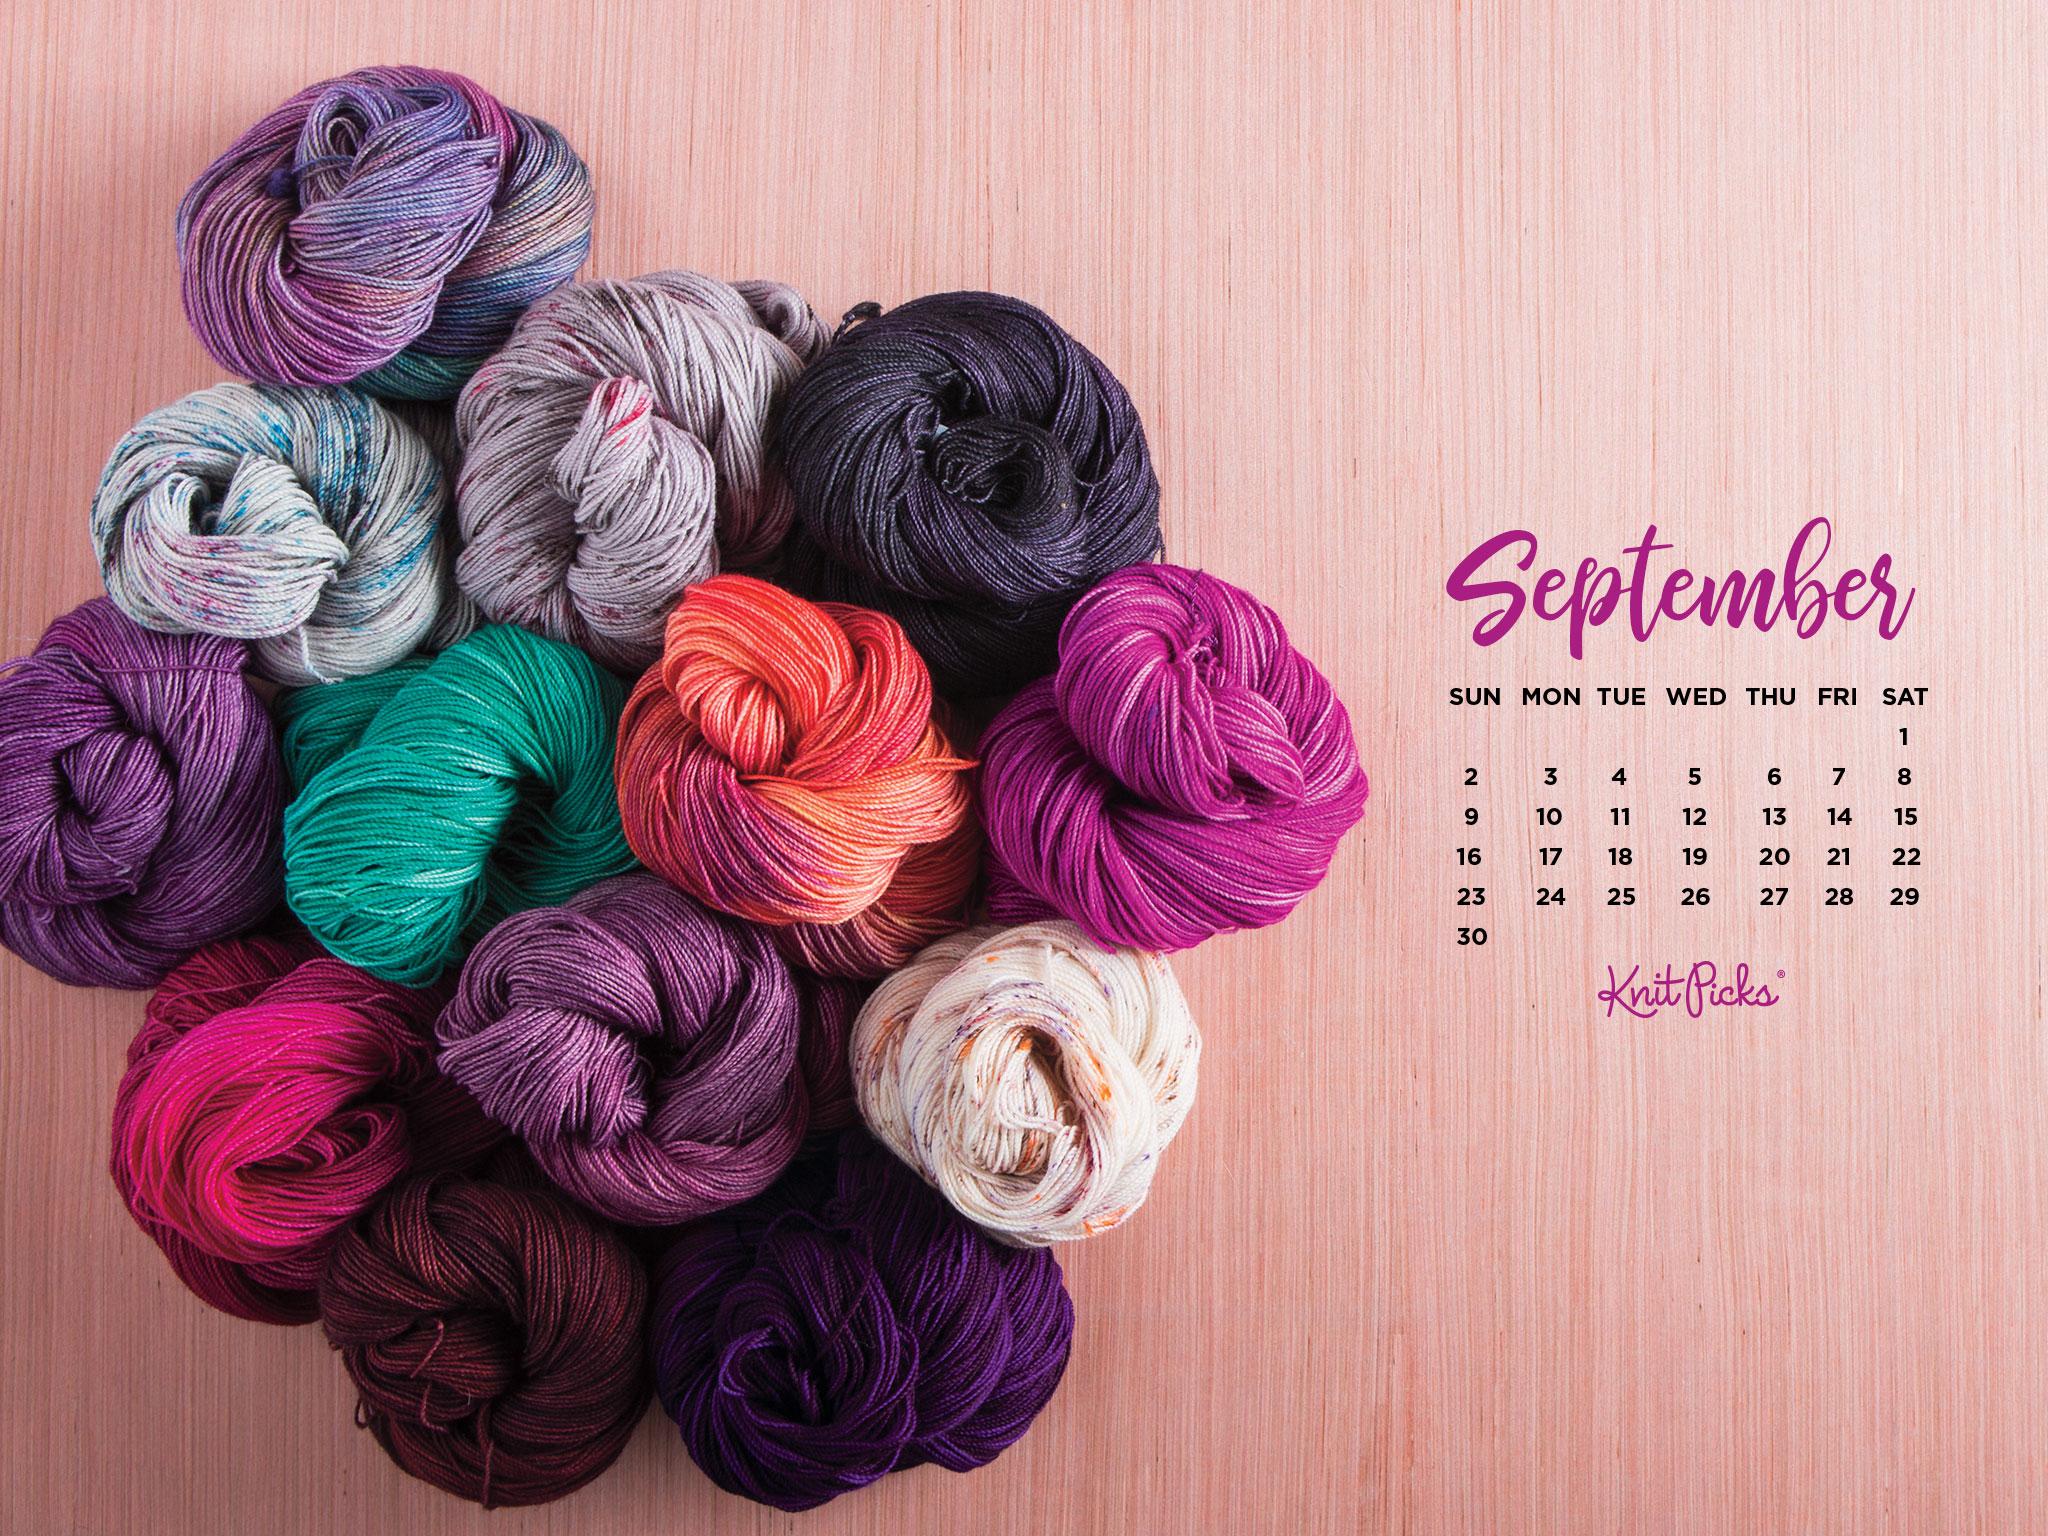 November Fall Wallpaper Free Downloadable September 2018 Calendar Knitpicks